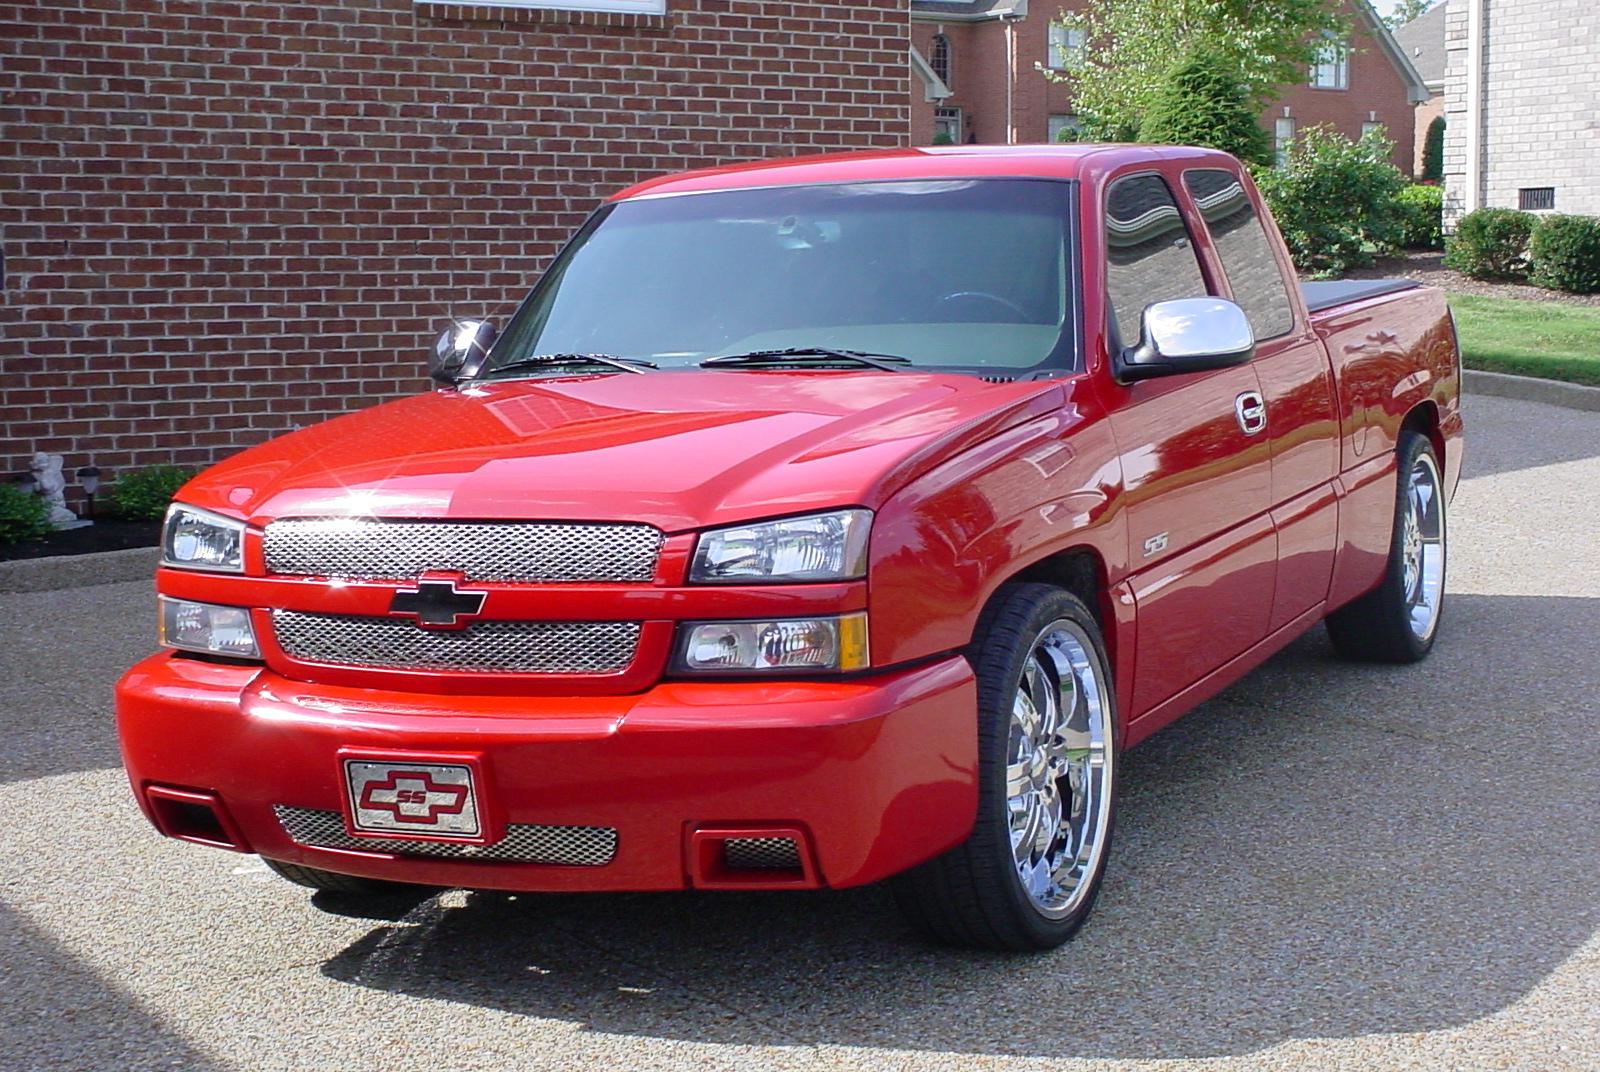 All Chevy chevy 2003 : 2003 Chevy Silverado SS Limited Edition | Hotrod Hotline